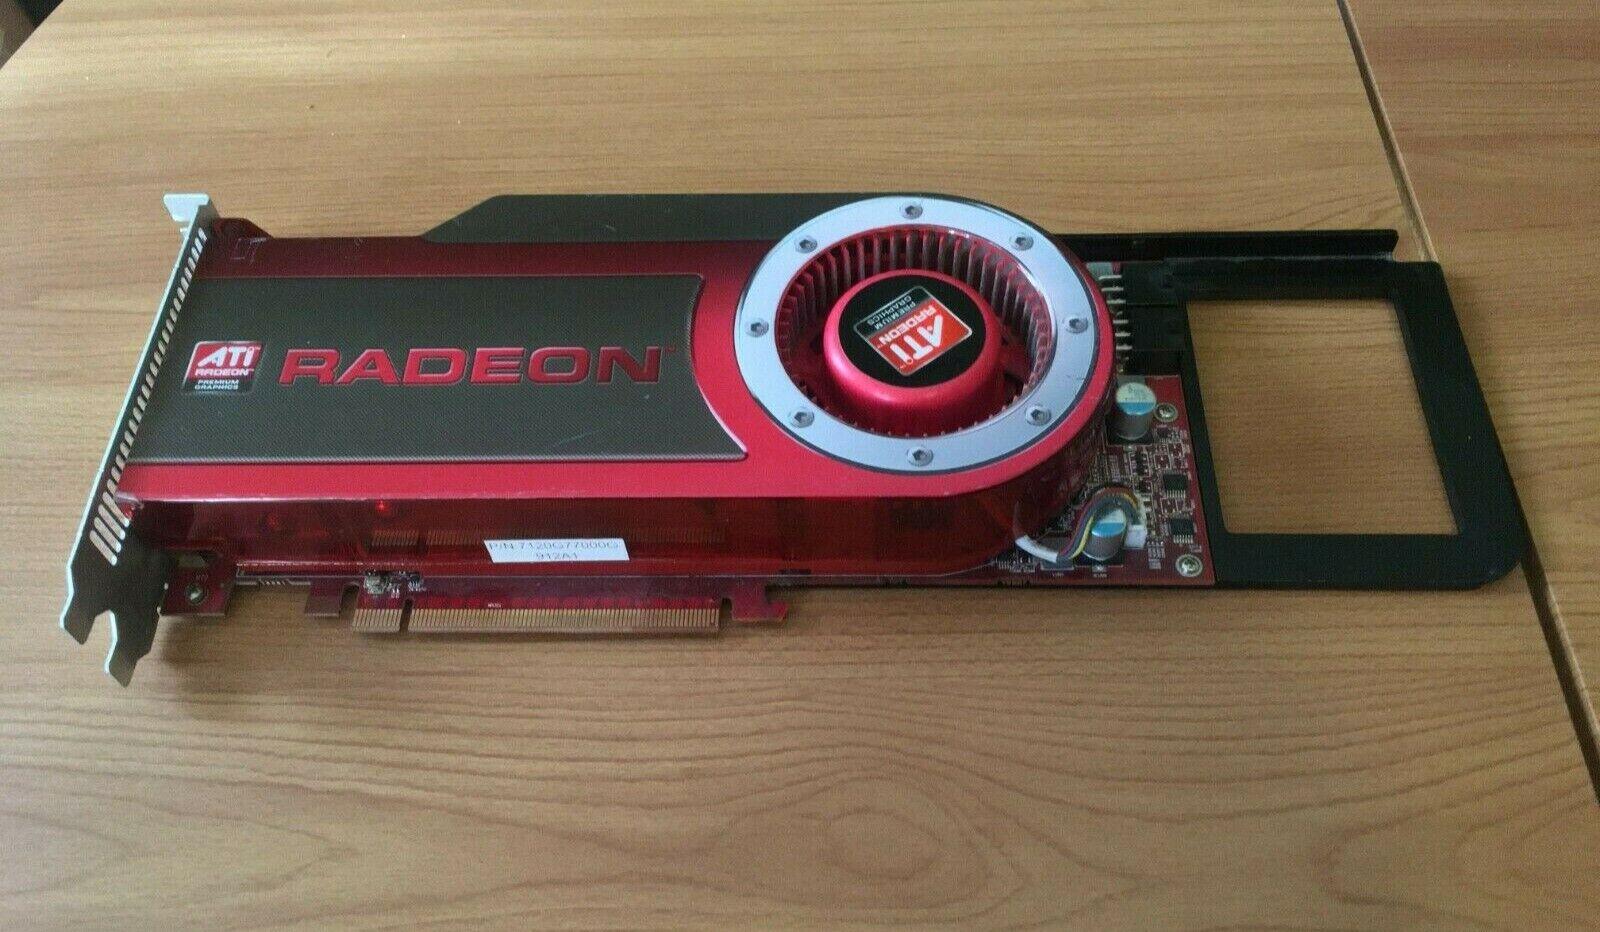 Apple ATI Radeon HD 4870 (MB999ZM/A) 512MB GDDR5 SDRAM PCI Express 2.0 Graphics